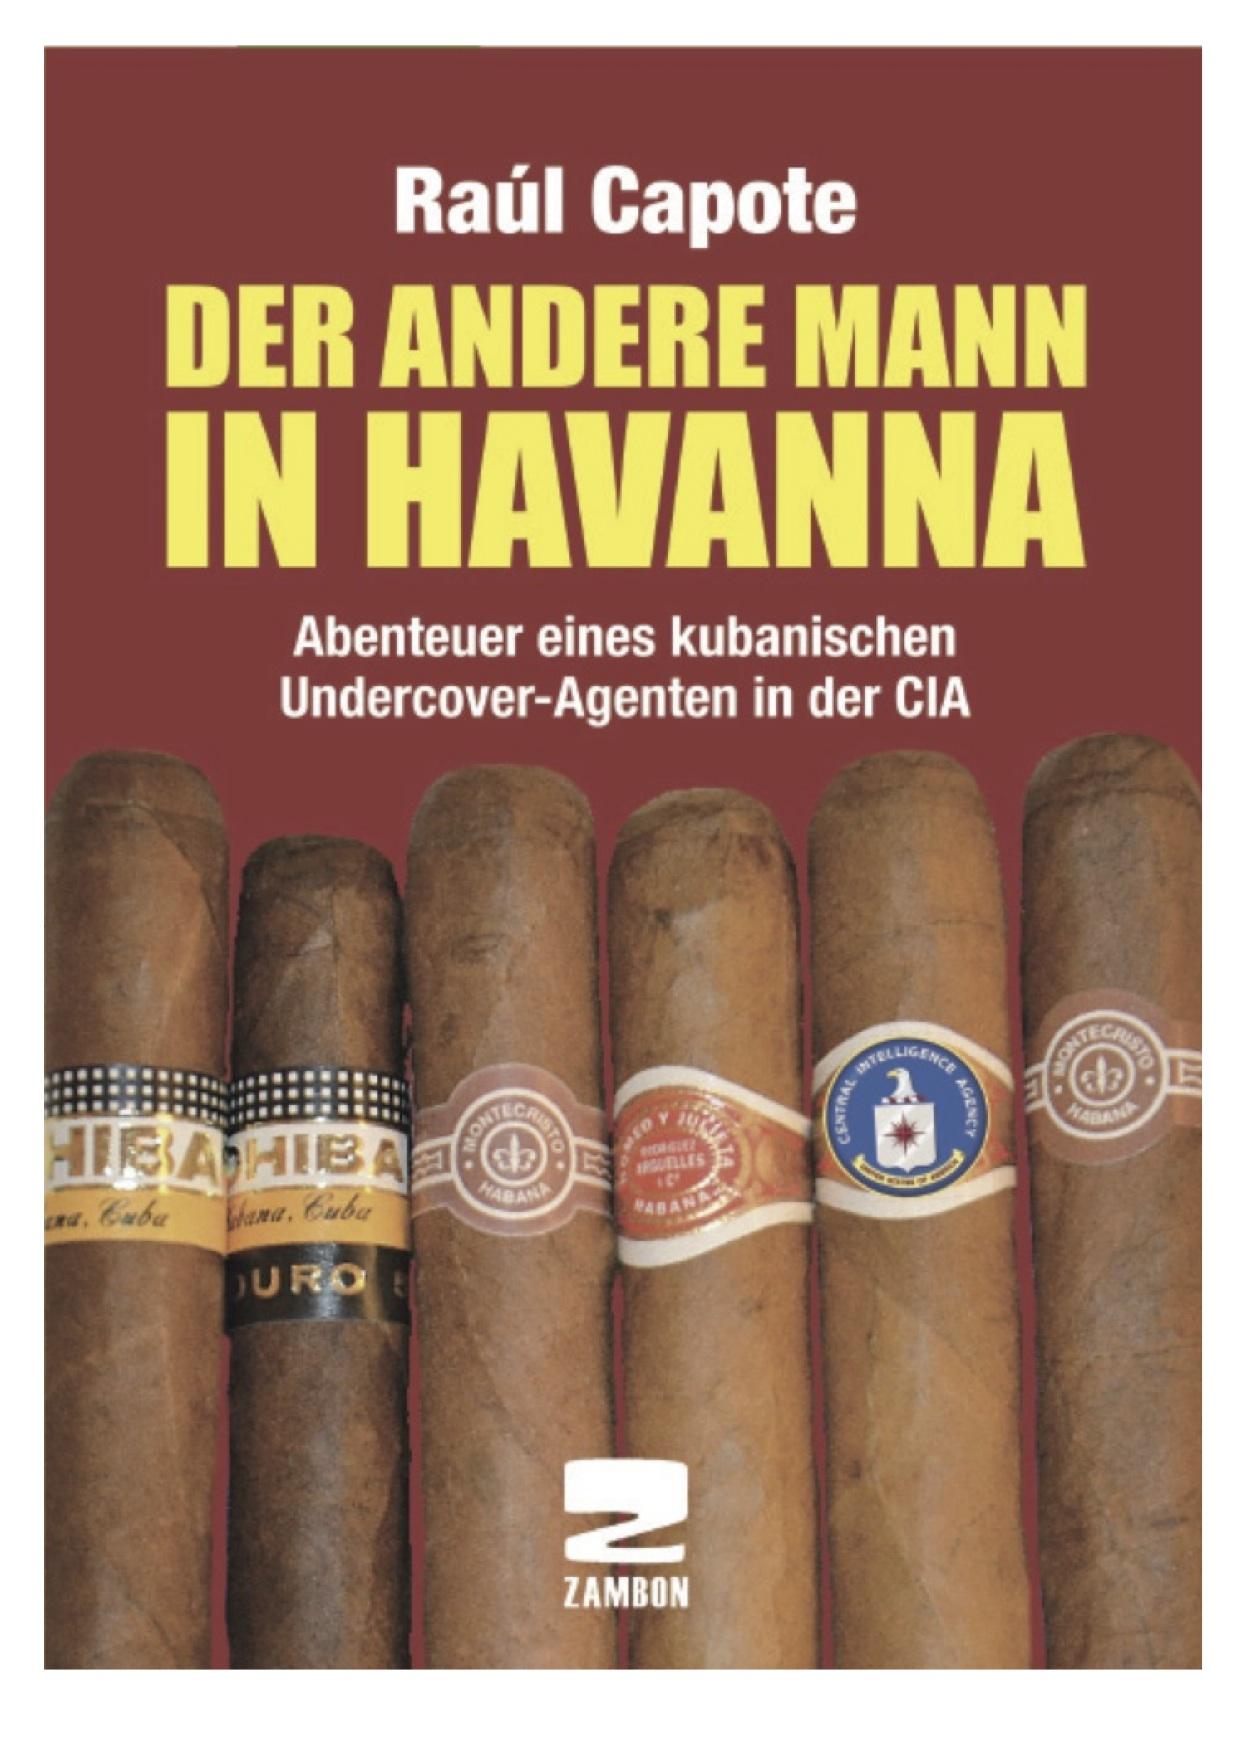 »Der andere Mann in Havanna«